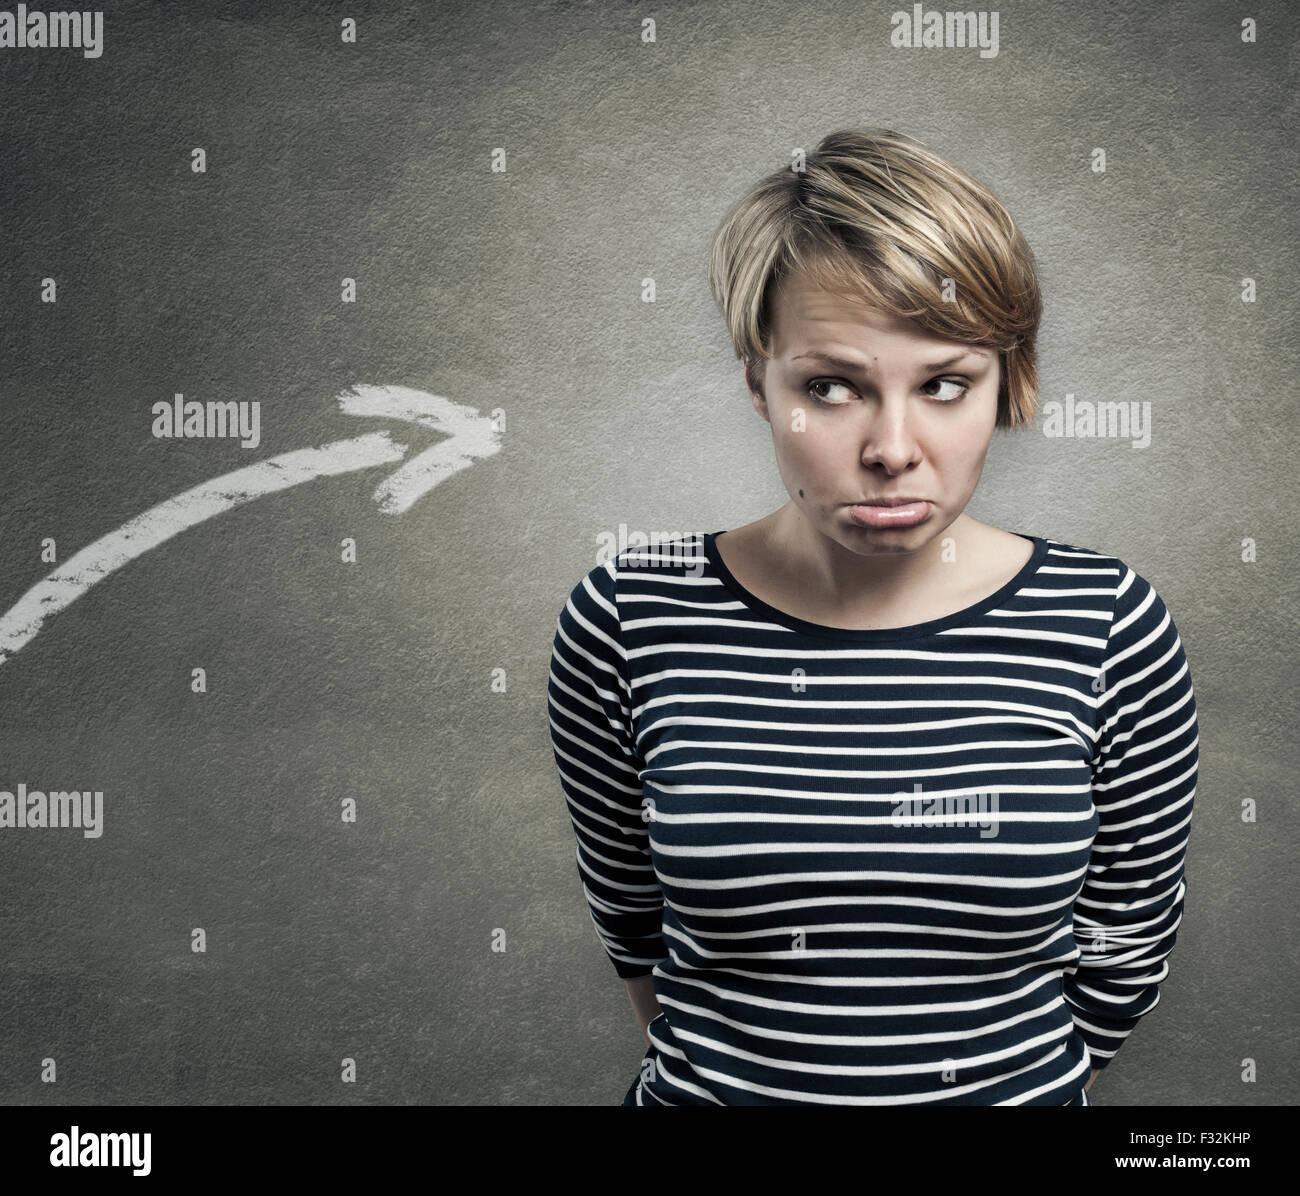 Konzept der Schuldige, verwirrt, unsicher Stockbild